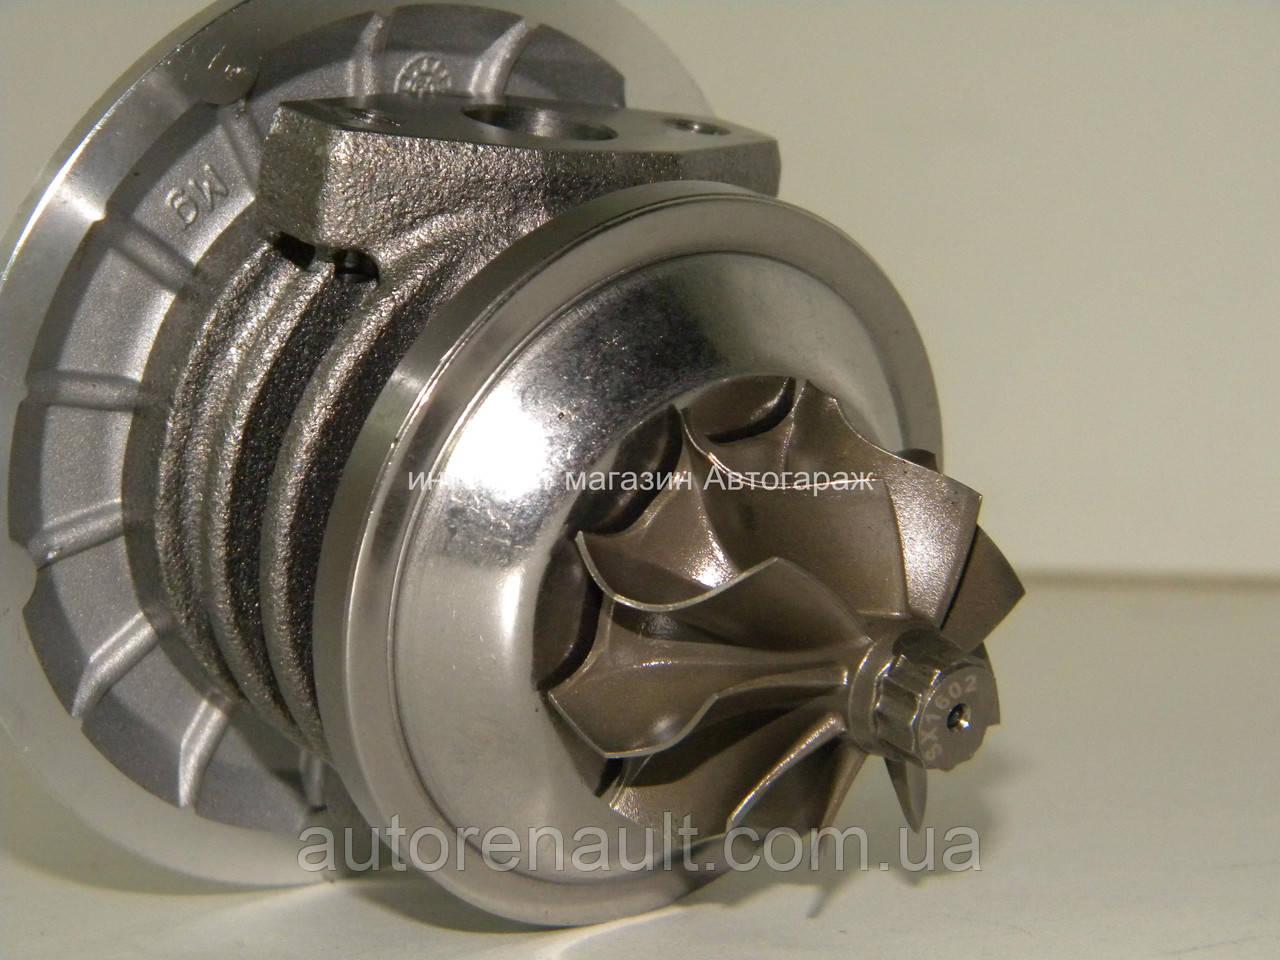 Фольксваген транспортер т4 масло для двигателя вакуумная транспортер